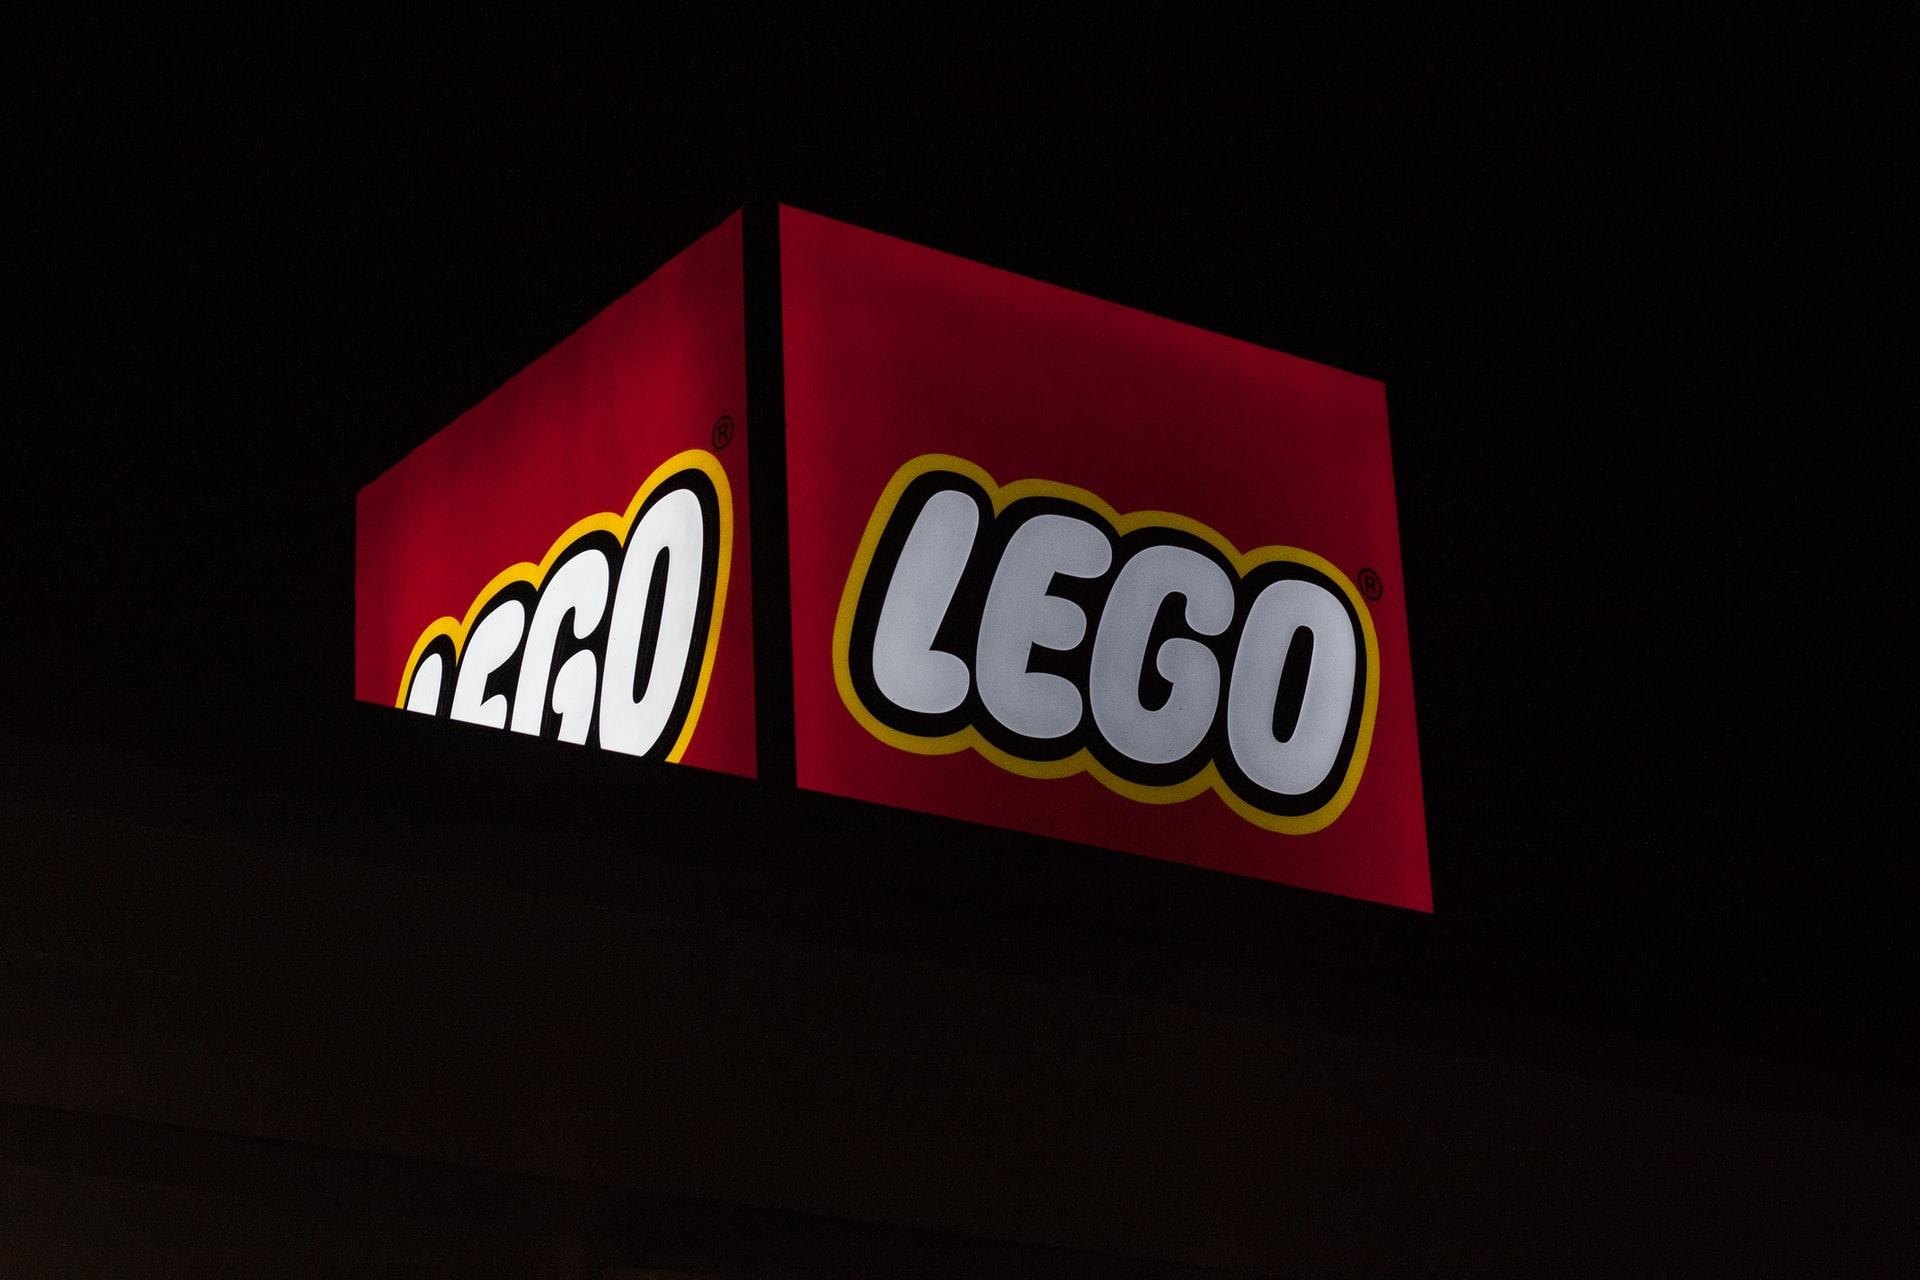 lego logo, 4 letter brand, 4 letter word